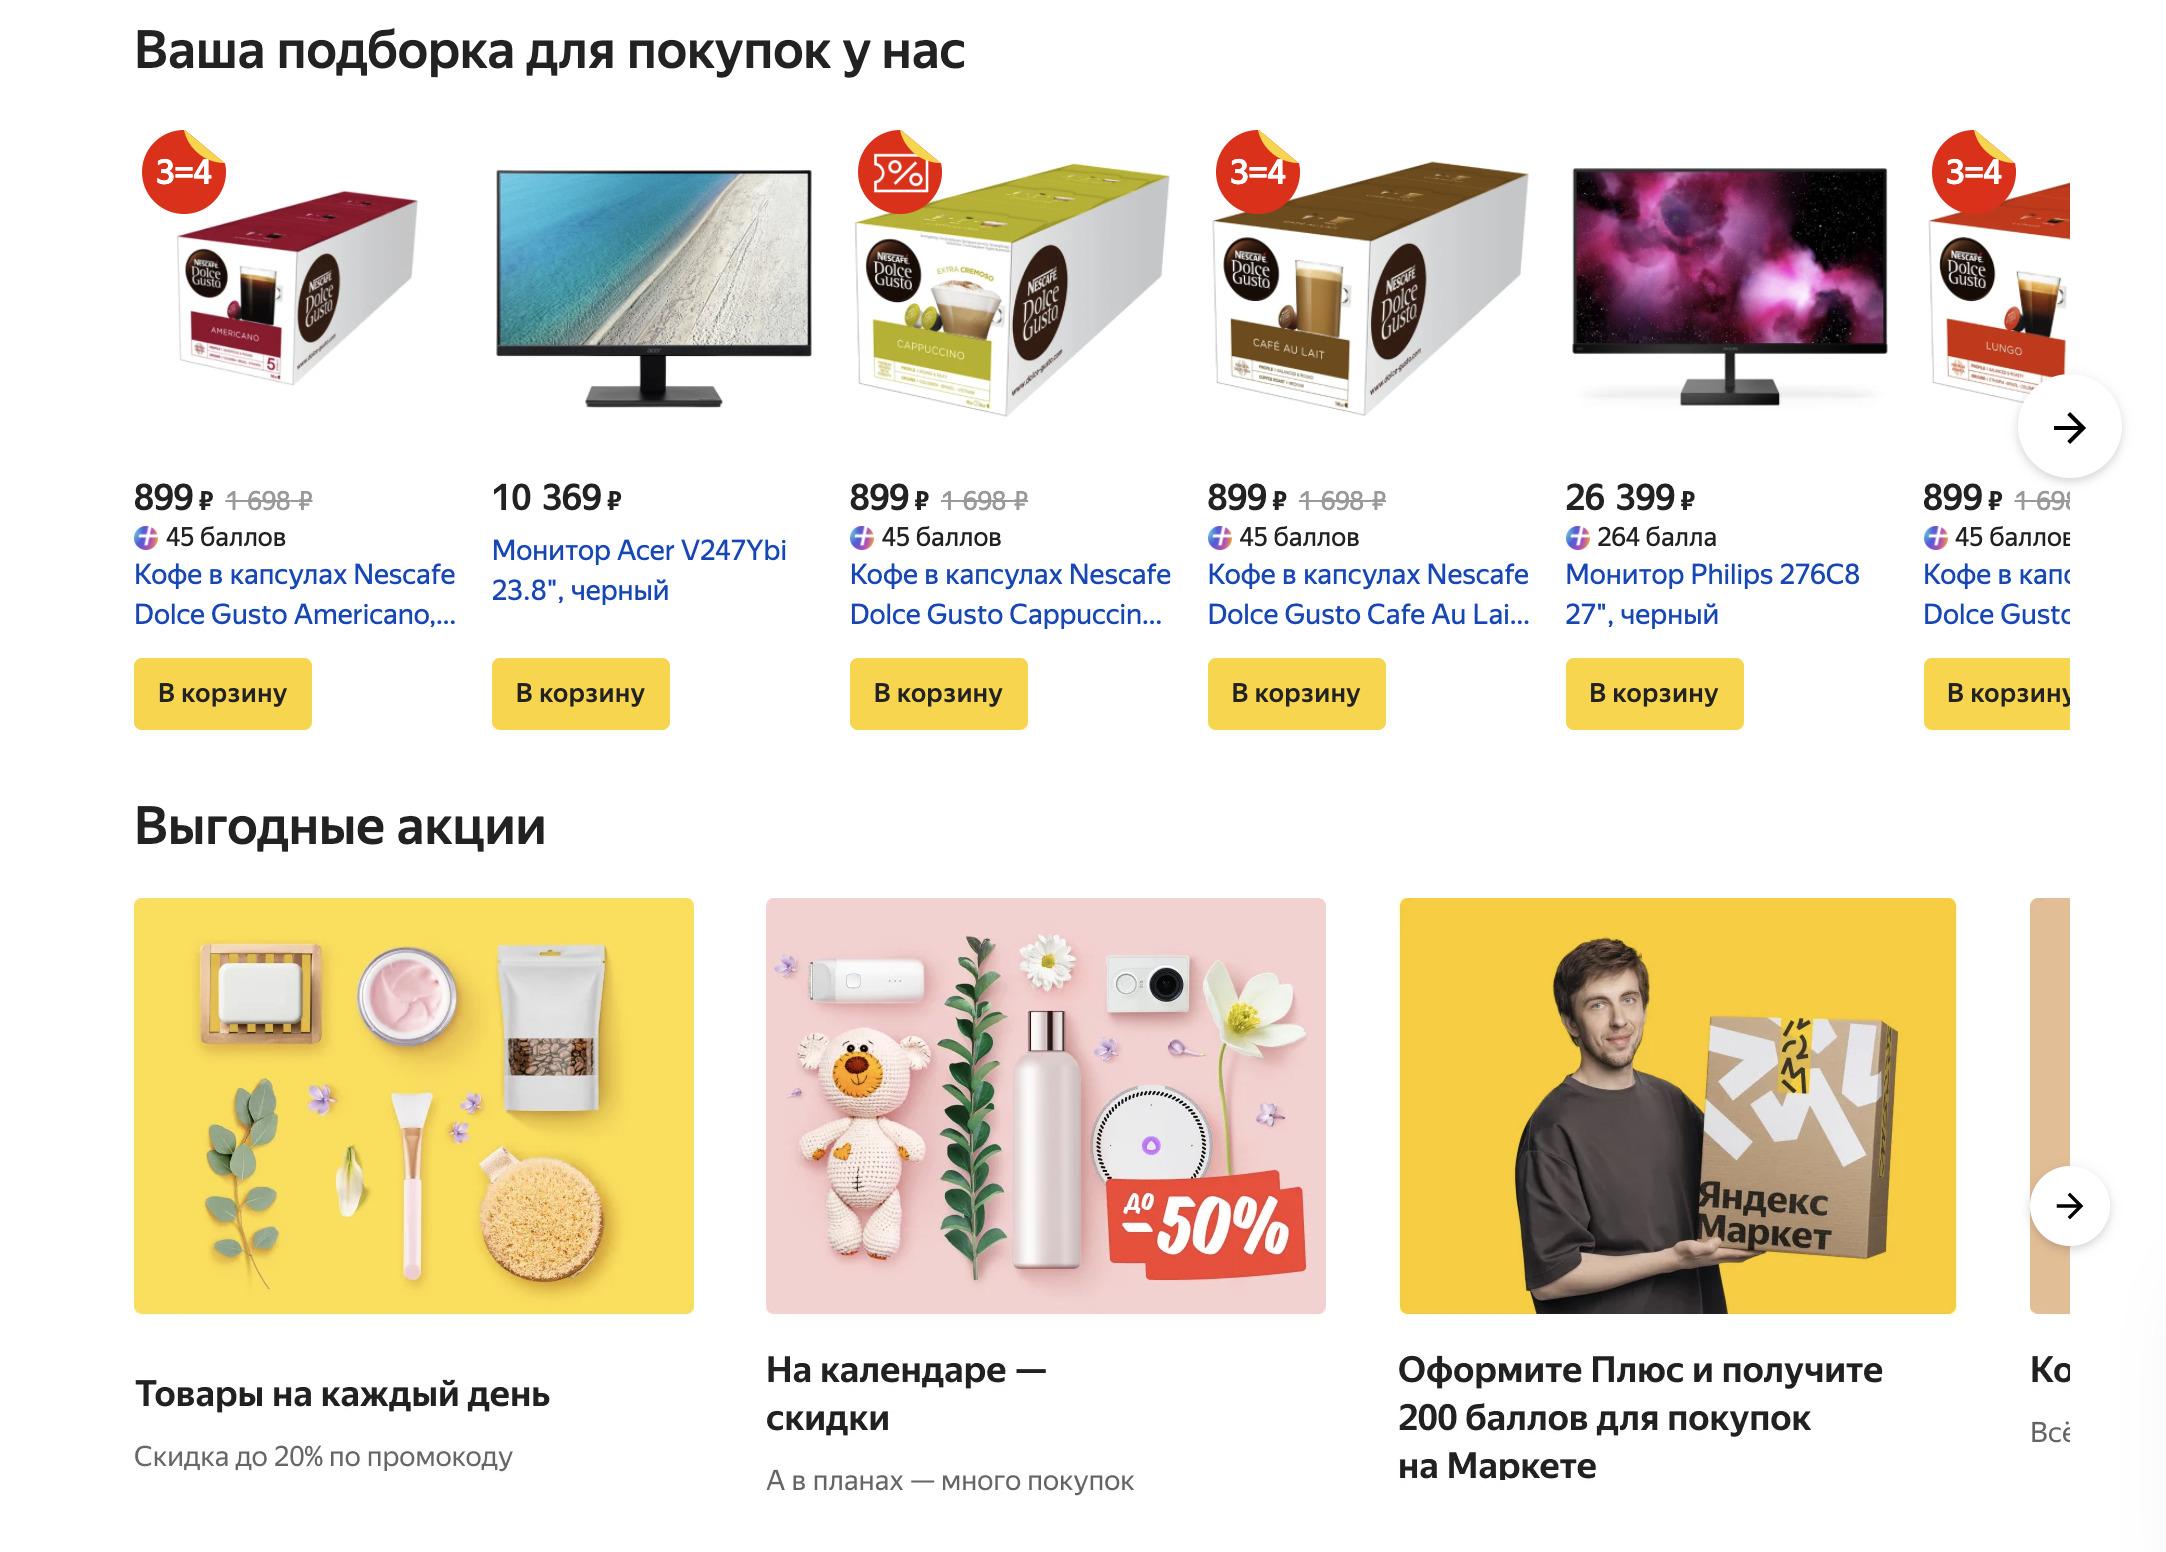 Доставка из Яндекс.Маркет в Кумертау, сроки, пункты выдачи, каталог